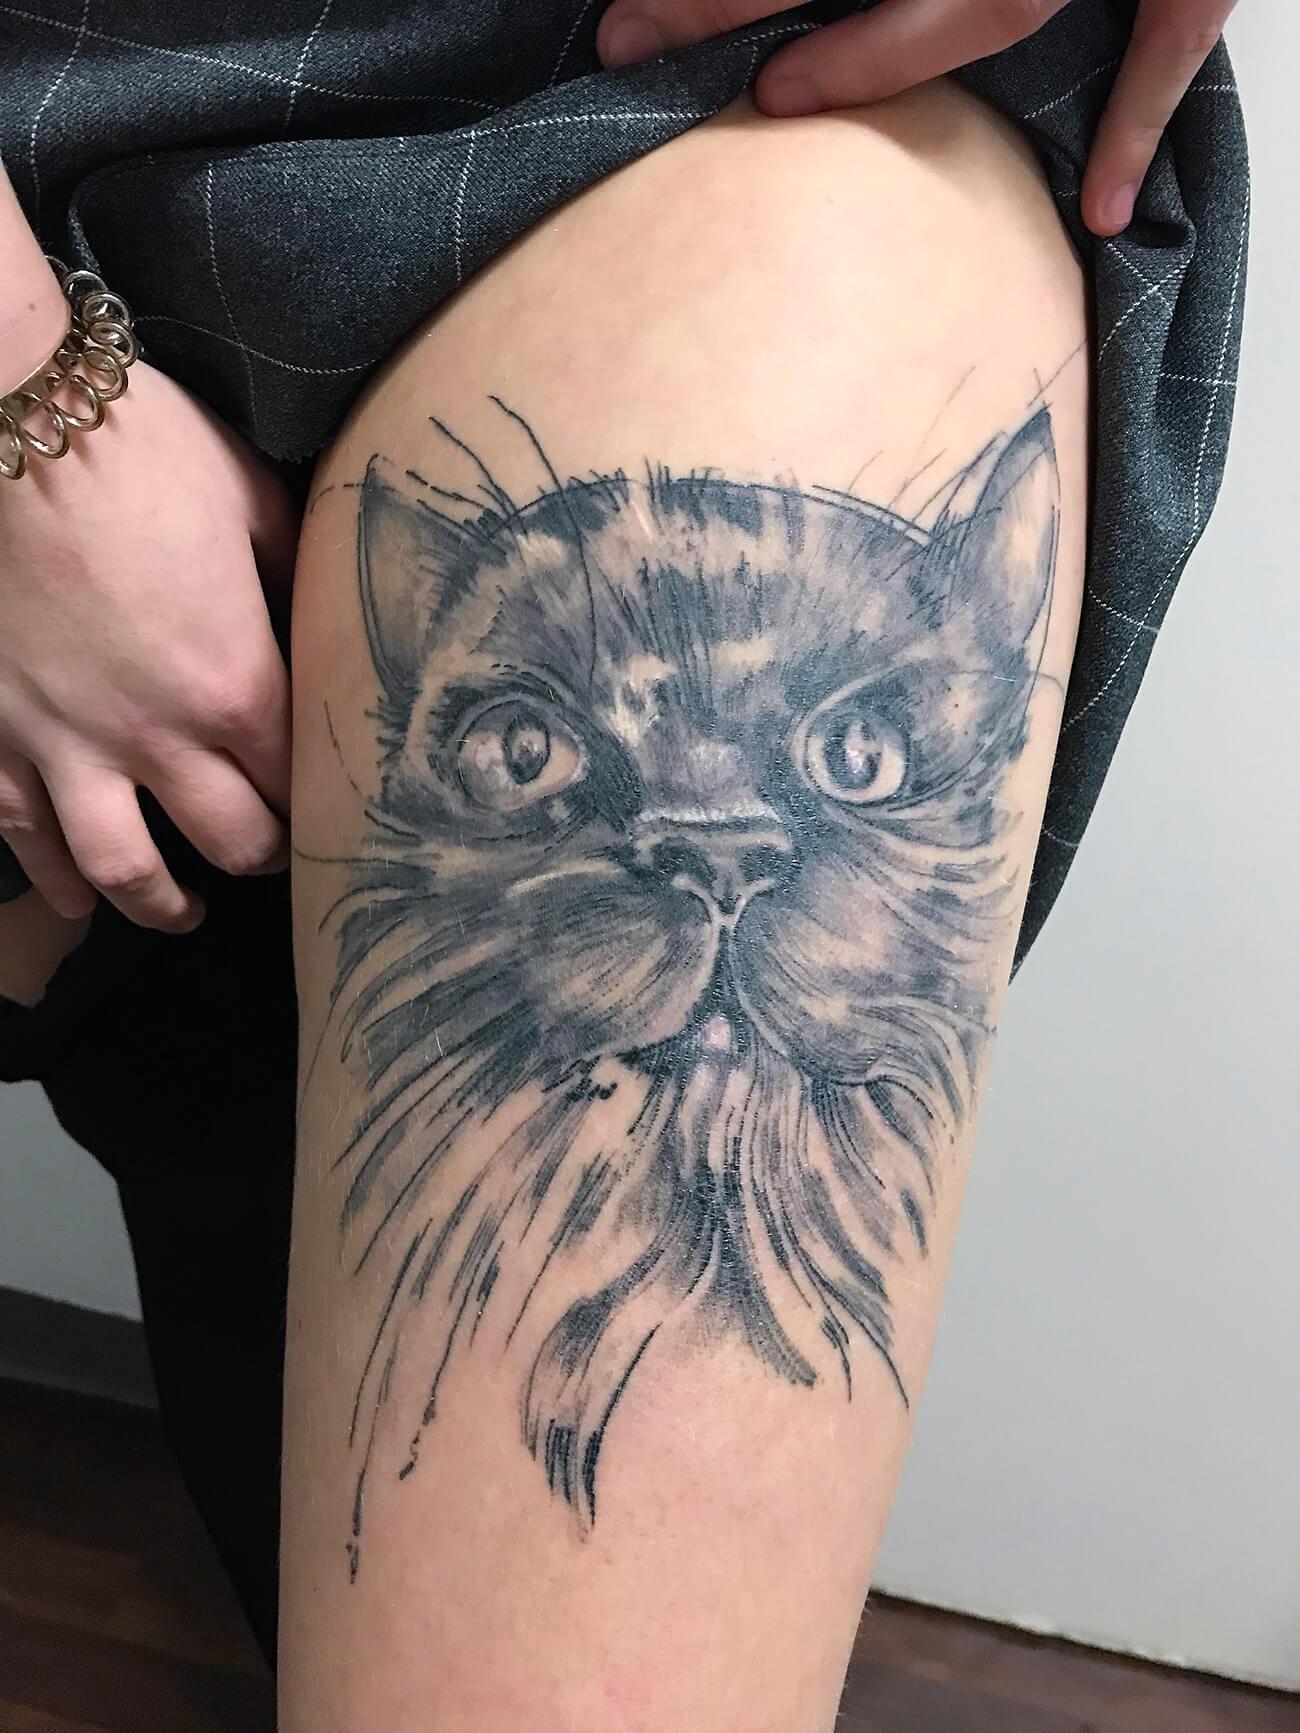 Cosmopolitan Tattoo - Dessin unique, portrait animalier hyperrealiste, esquisse chat, cuisse femme, noir et gris